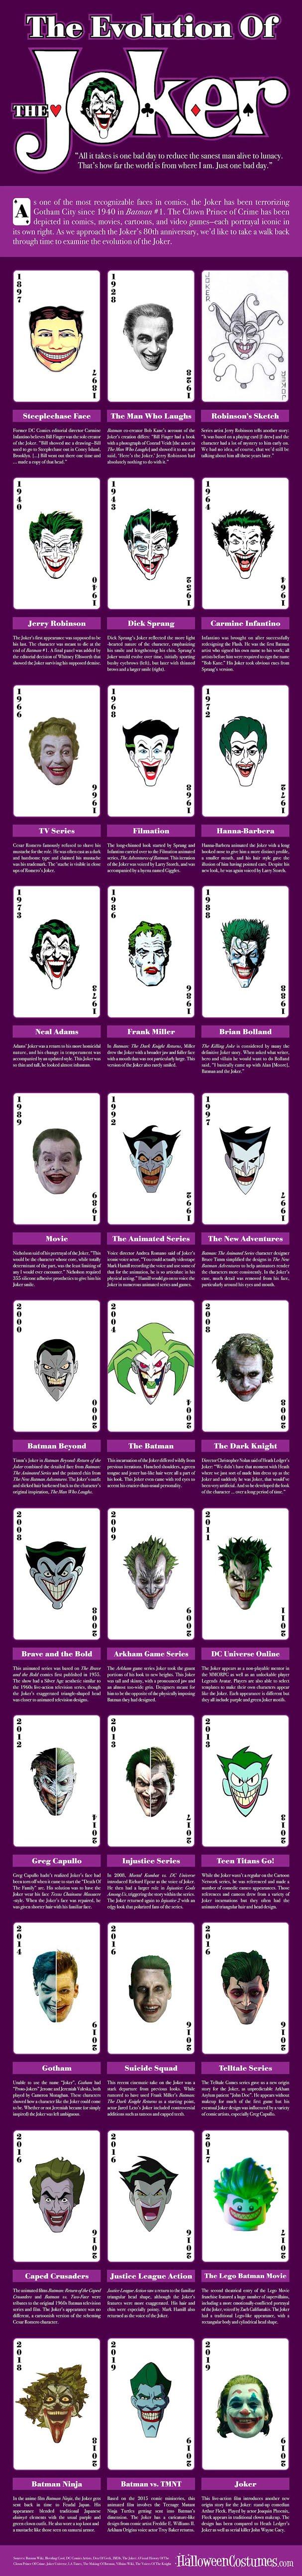 The Evolution of the Joker #infographic